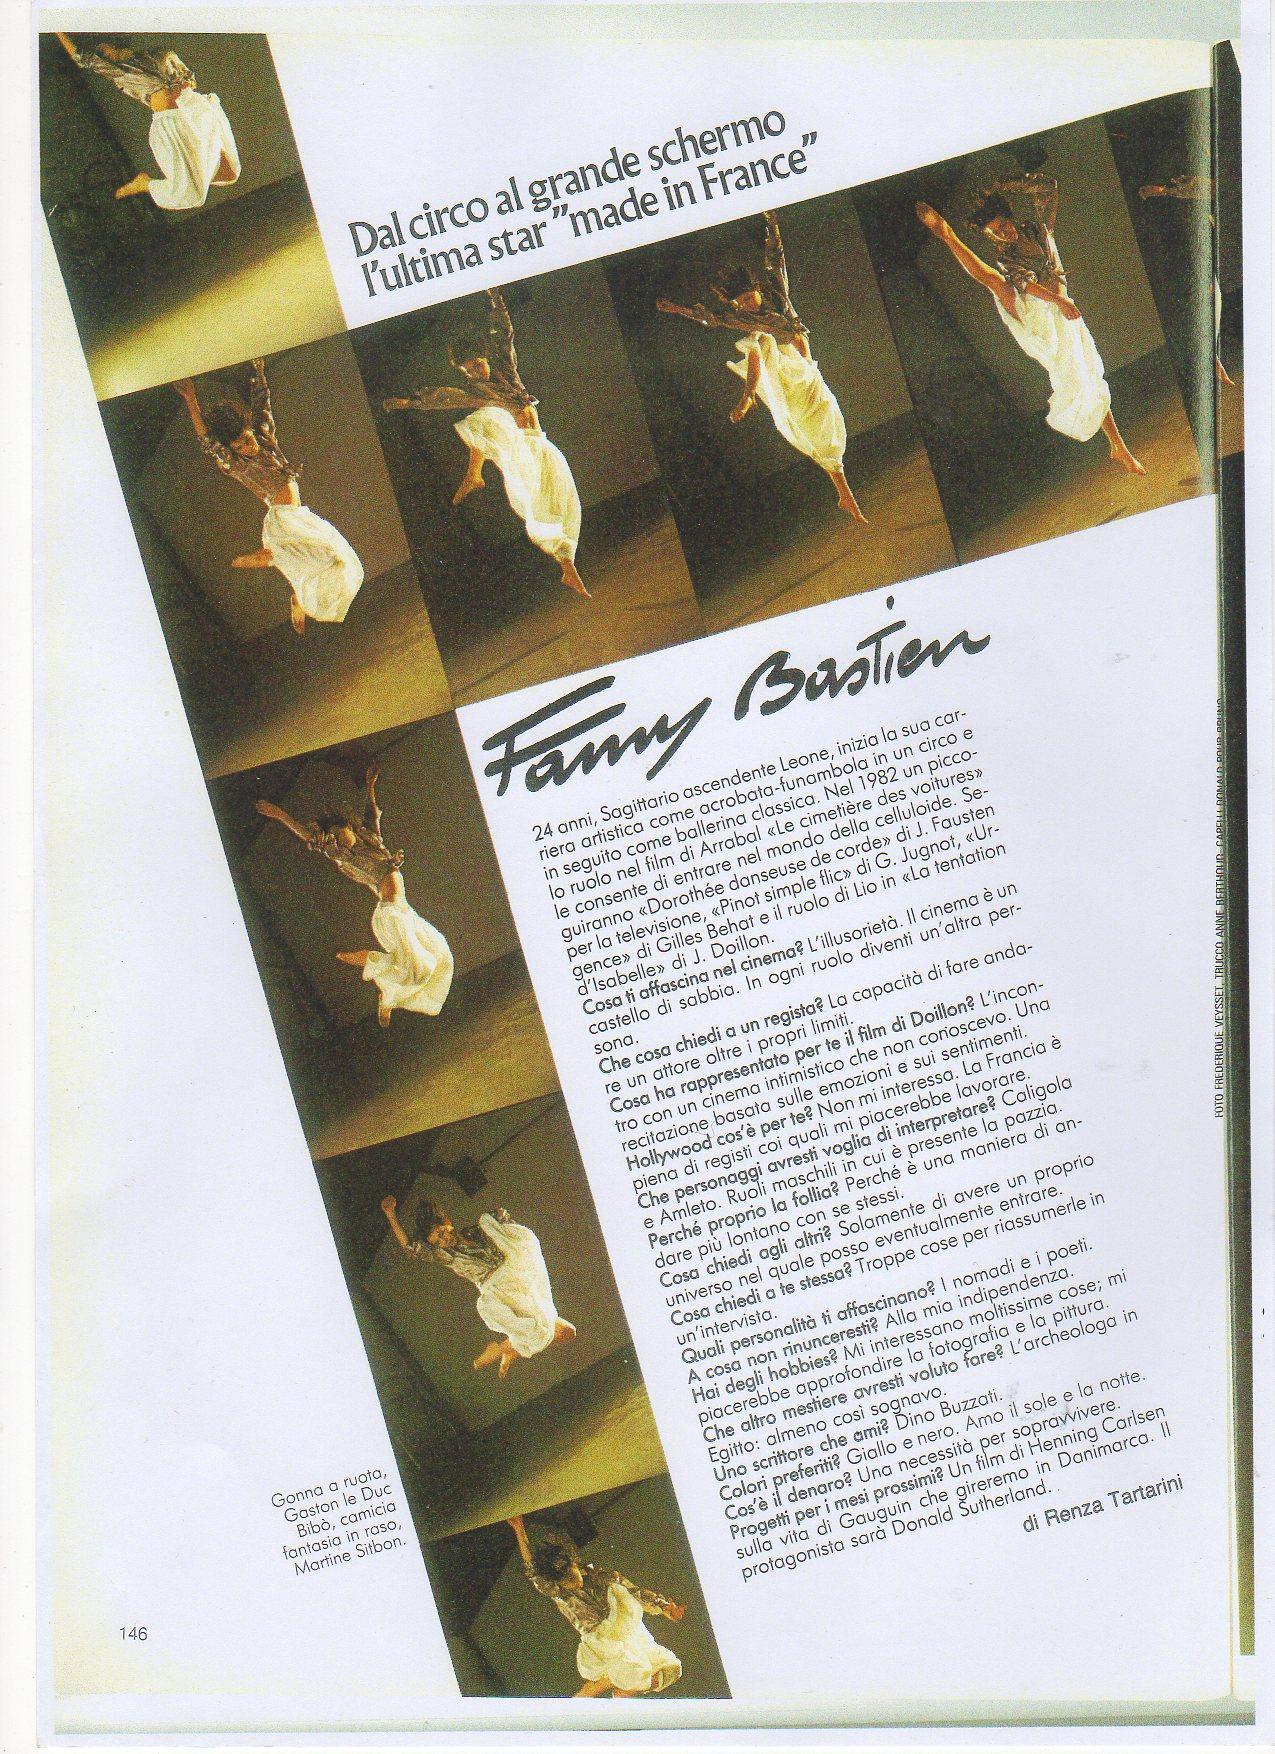 Fanny Bastien Actrice Crédits : frederique Veysset